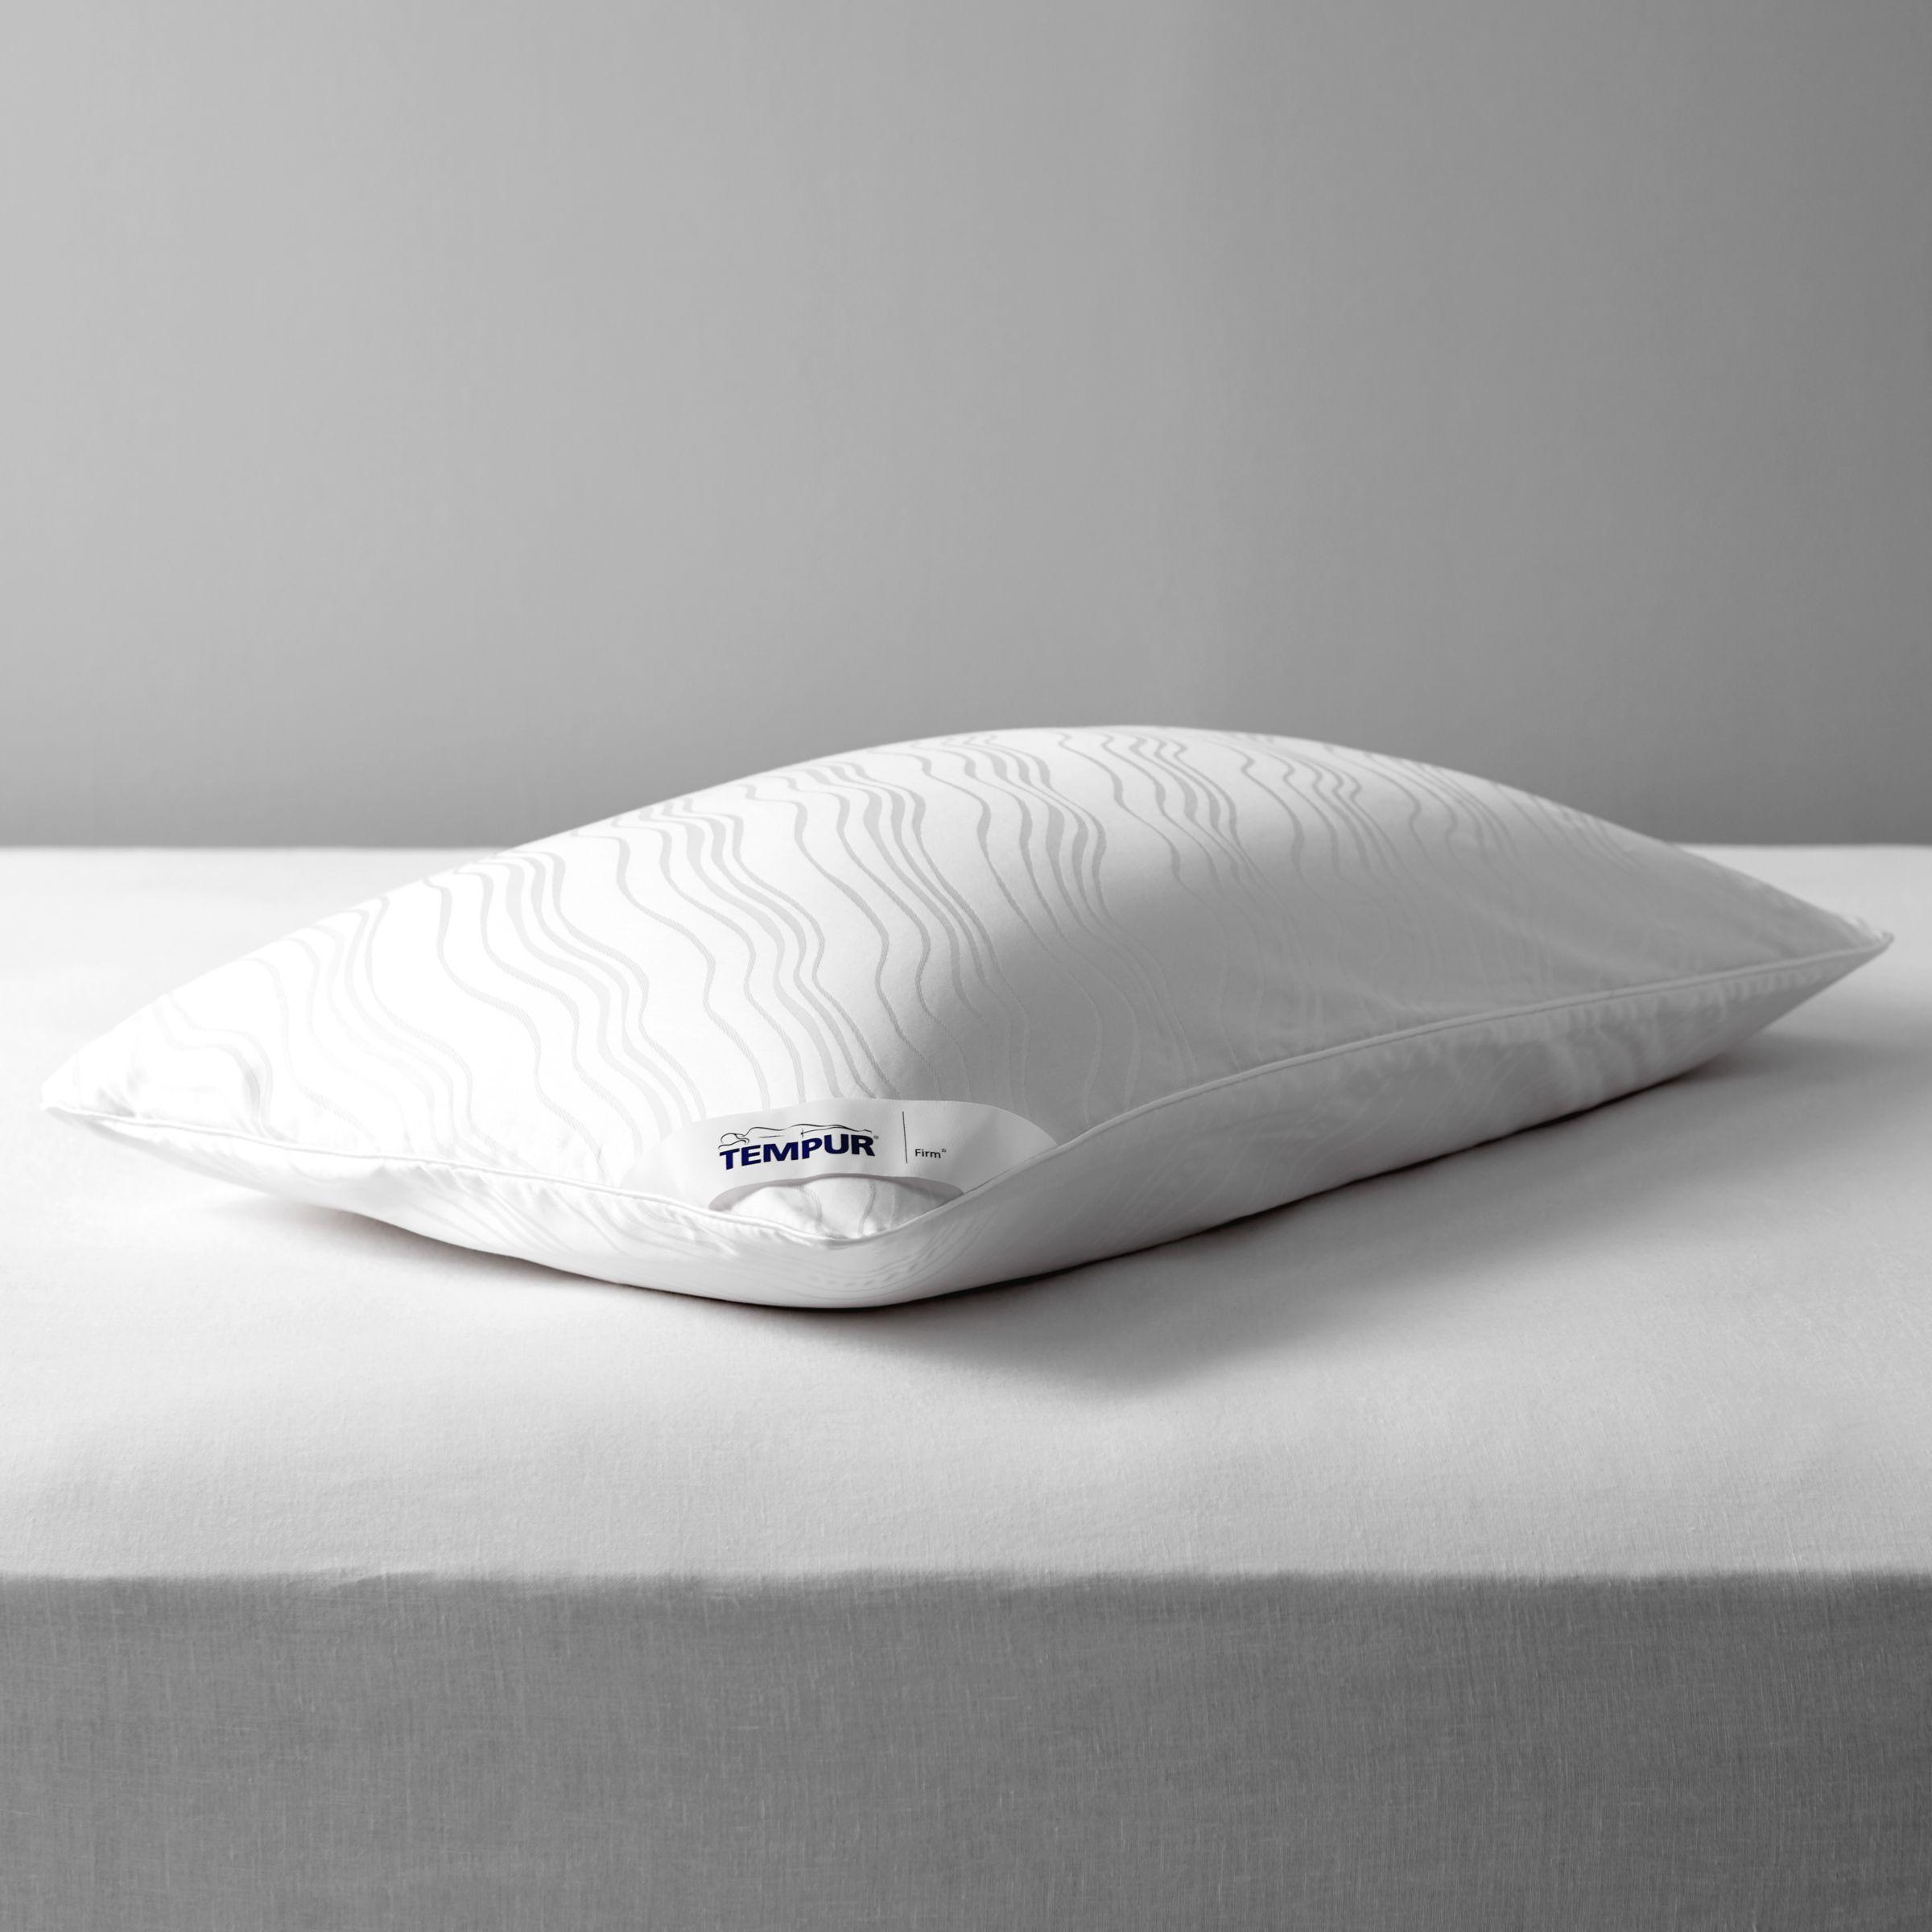 Tempur Tempur Traditional Support Standard Pillow, Firm